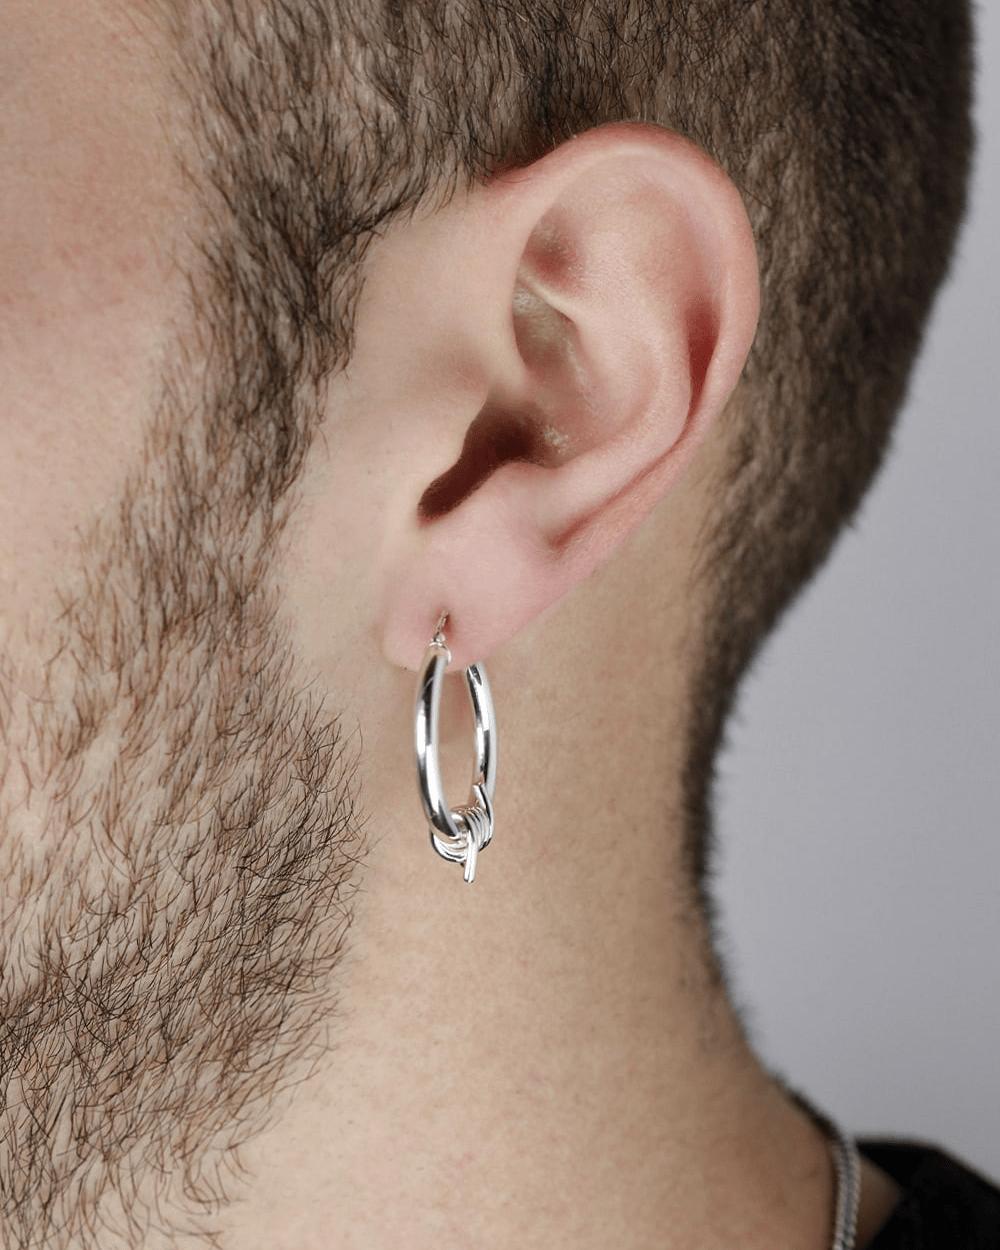 Earrings BARBED WIRE HOOP PAIR EARRINGS NOVE25